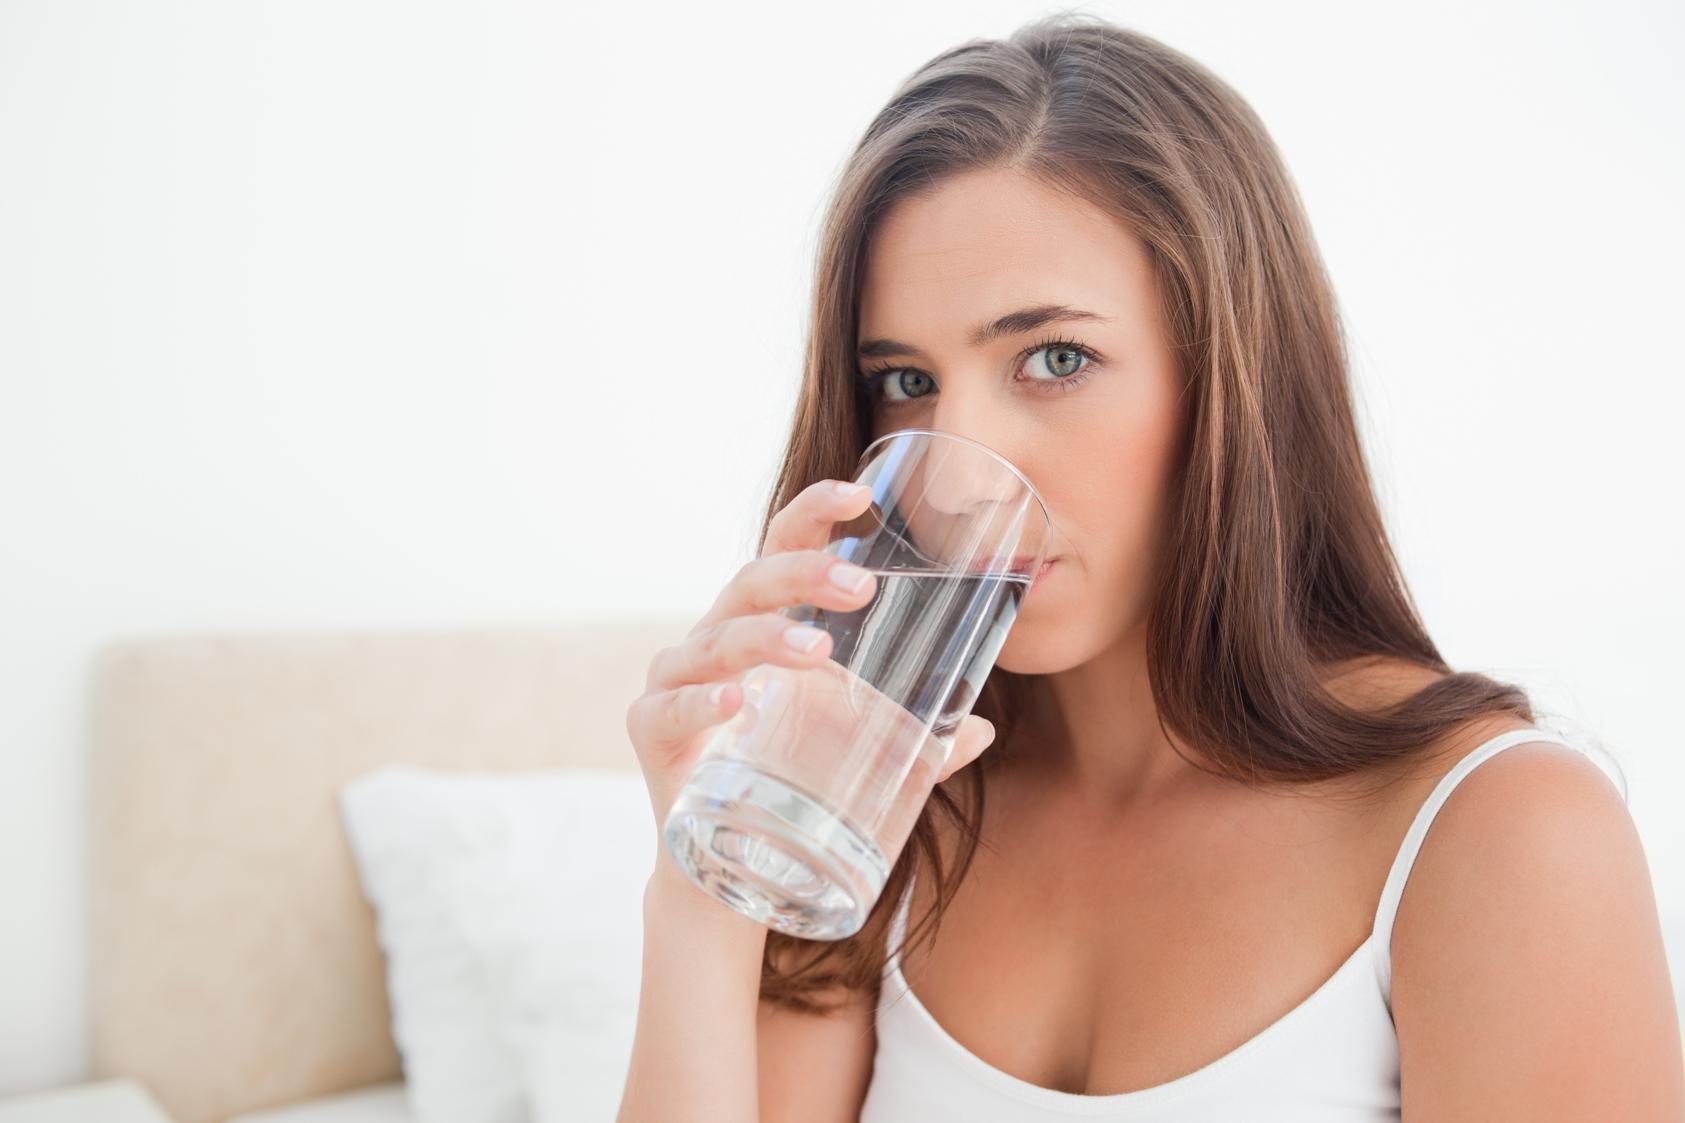 Hidrate-se Para Manter O ânimo Bom E O Intestino Funcionando